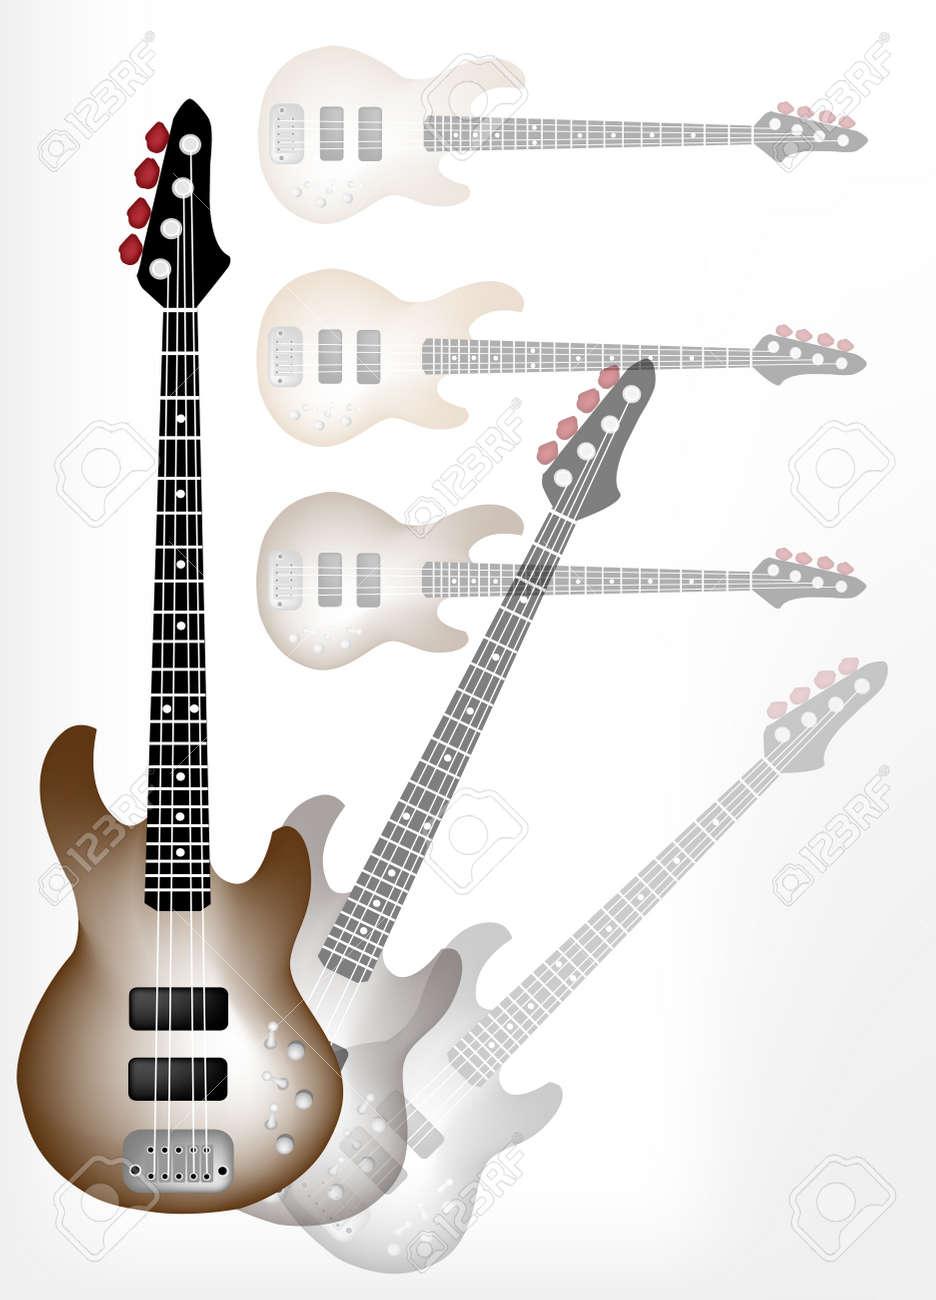 Instrumento De Música Una Ilustración De Brown Guitarra Eléctrica En Shadow Guitarra Hermoso Fondo Con Copia Espacio Para El Texto Decorado